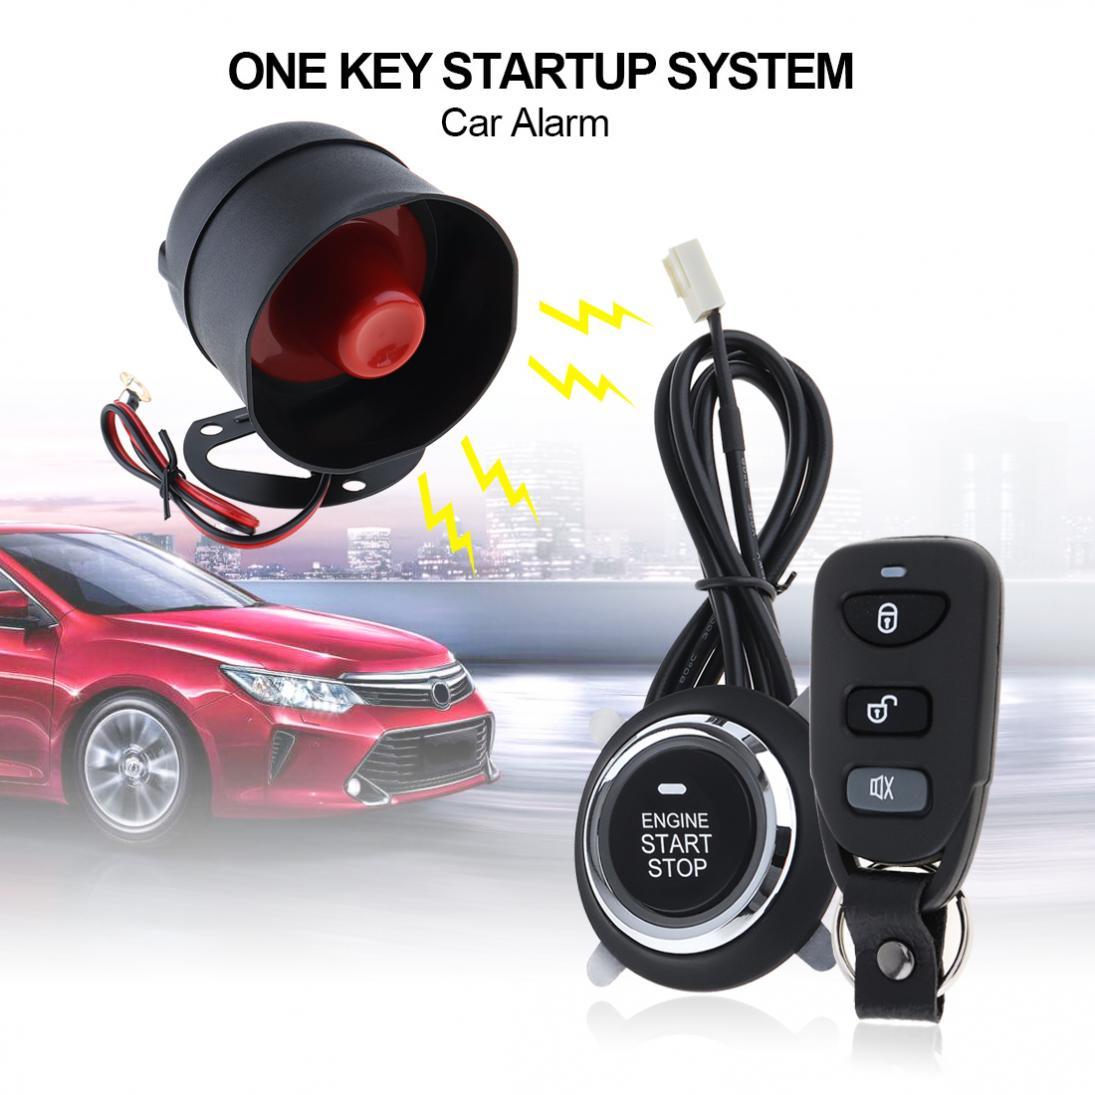 Système d'alarme de voiture universel 12 V système de démarrage automatique à distance avec verrouillage Central automatique et entrée sans clé 5A avec clé 4